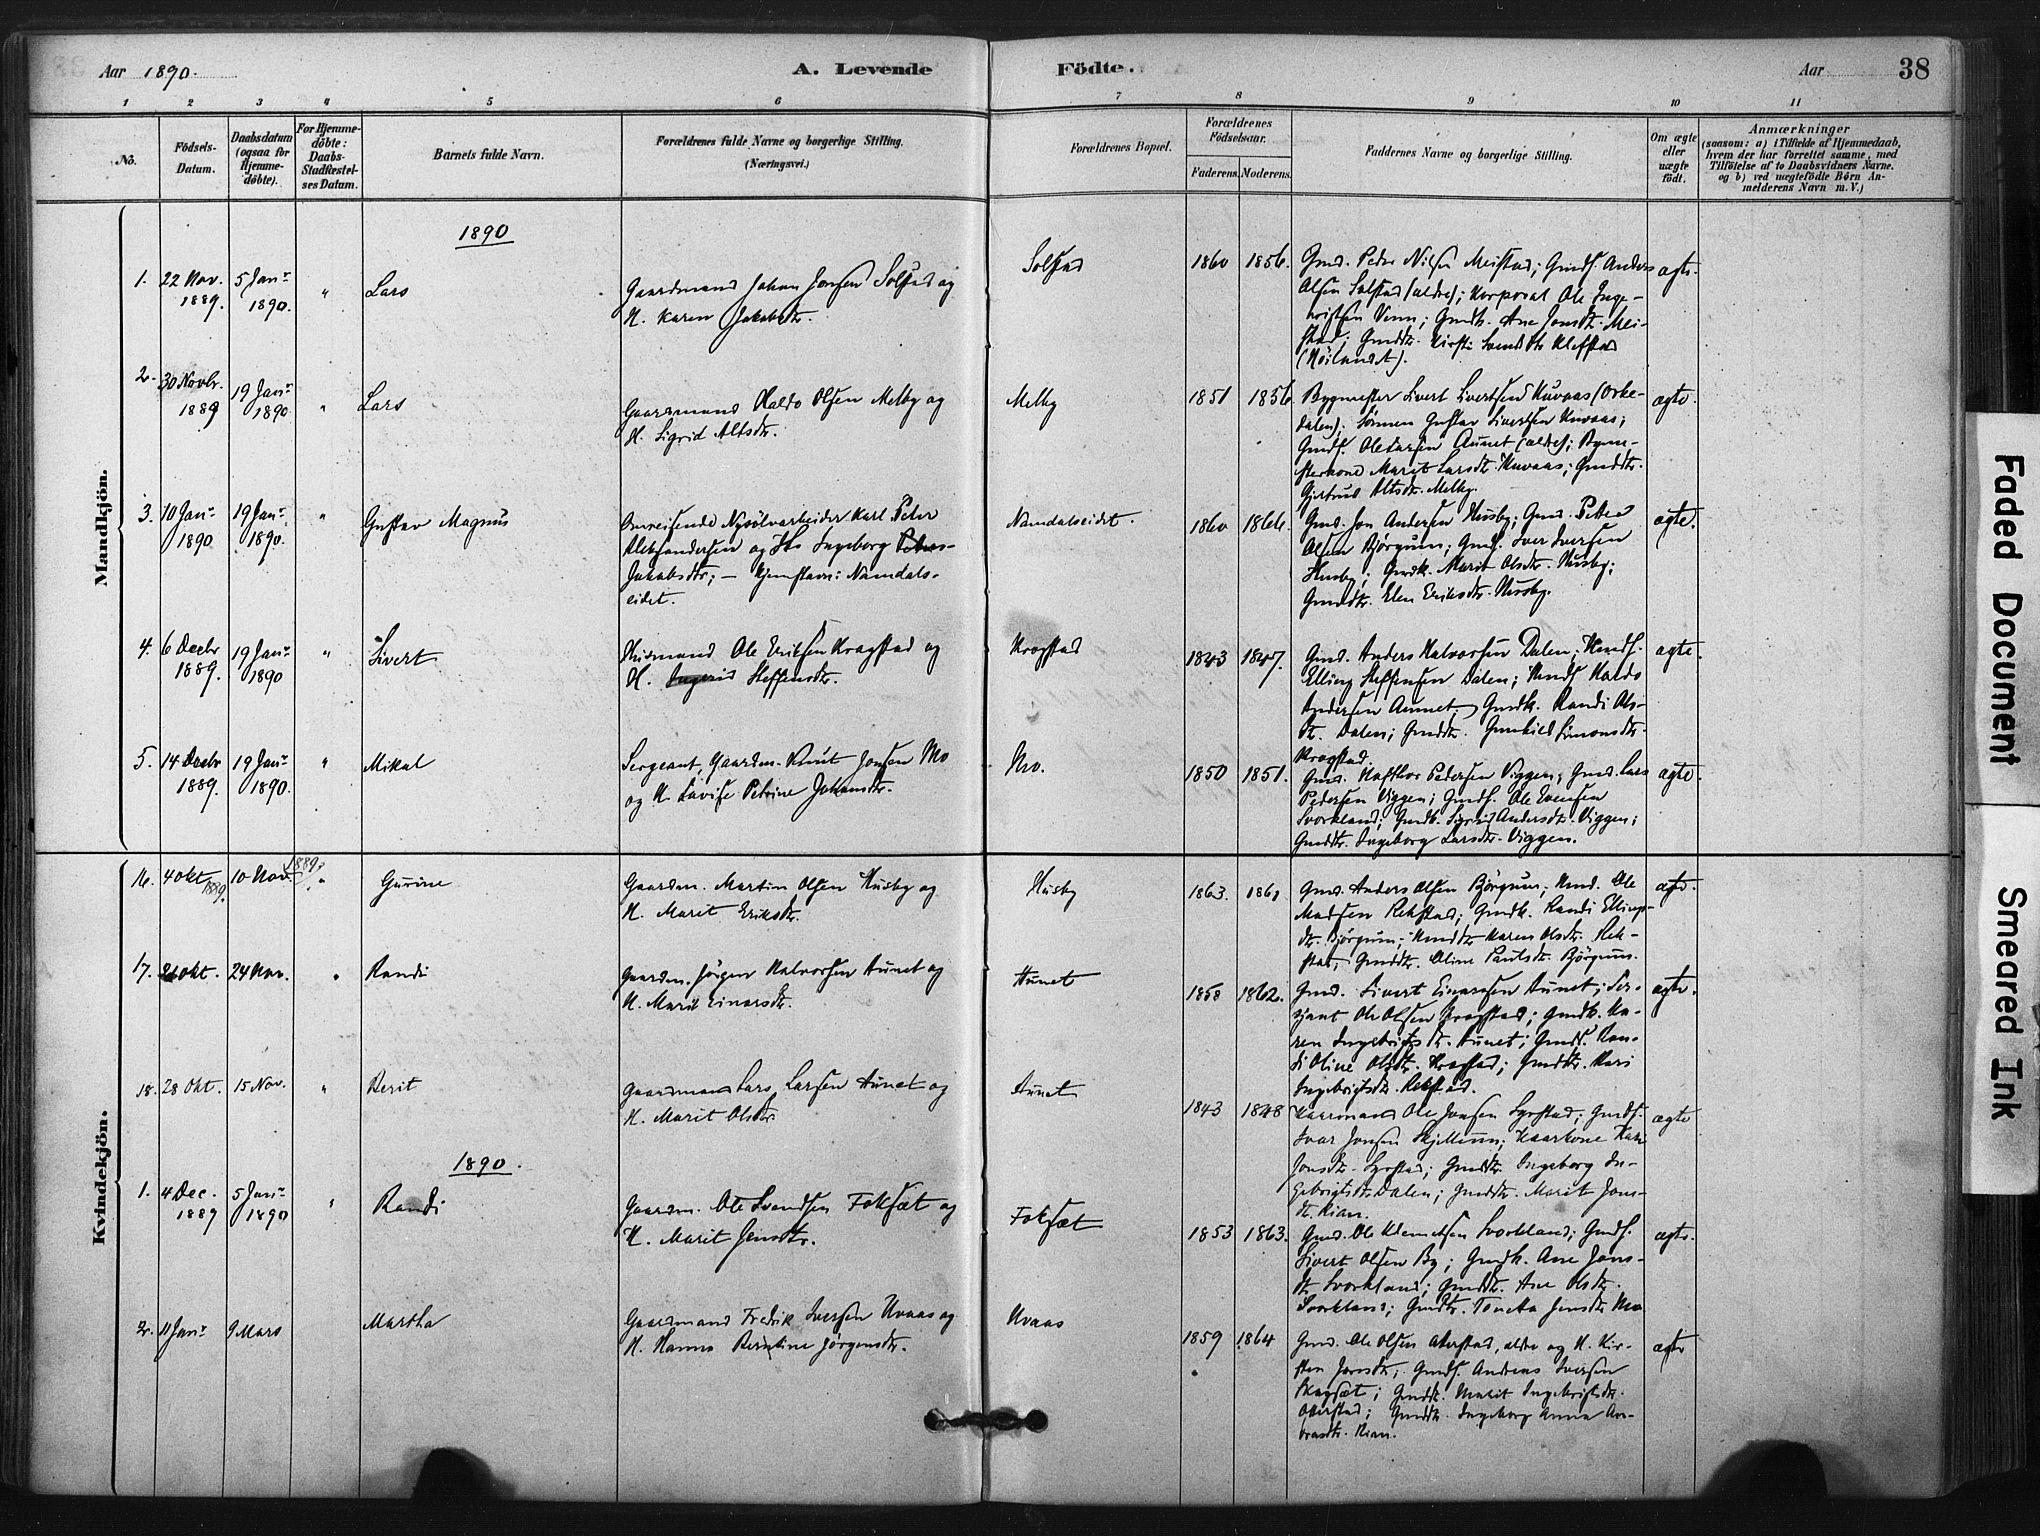 SAT, Ministerialprotokoller, klokkerbøker og fødselsregistre - Sør-Trøndelag, 667/L0795: Ministerialbok nr. 667A03, 1879-1907, s. 38